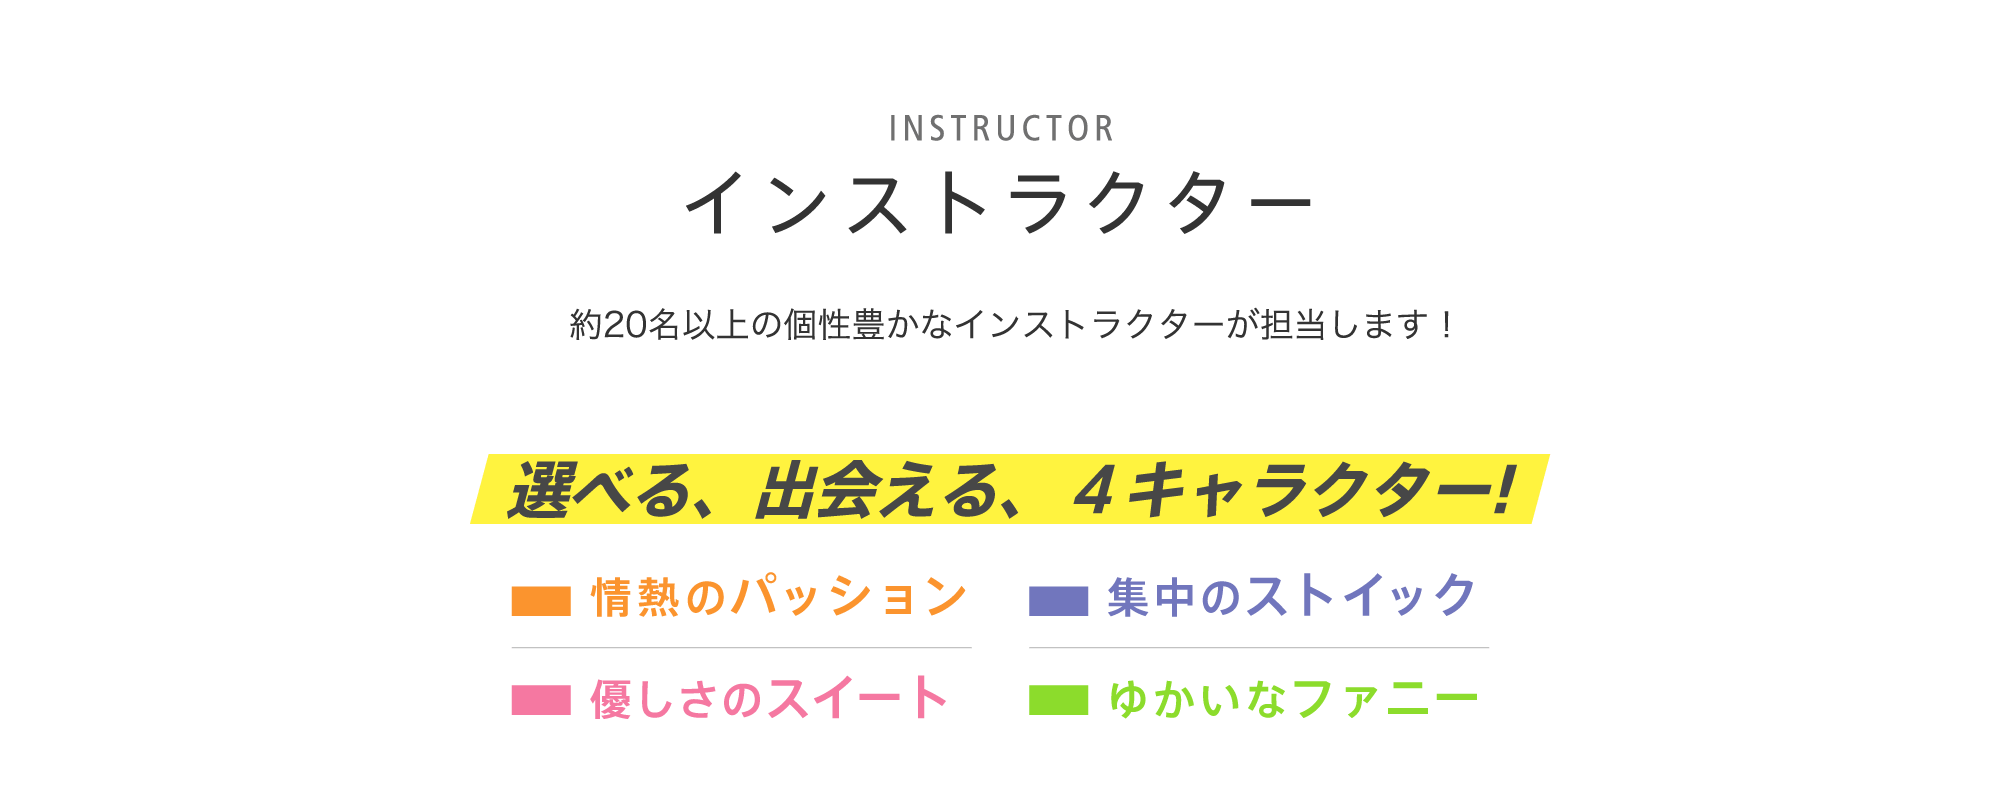 インストラクター